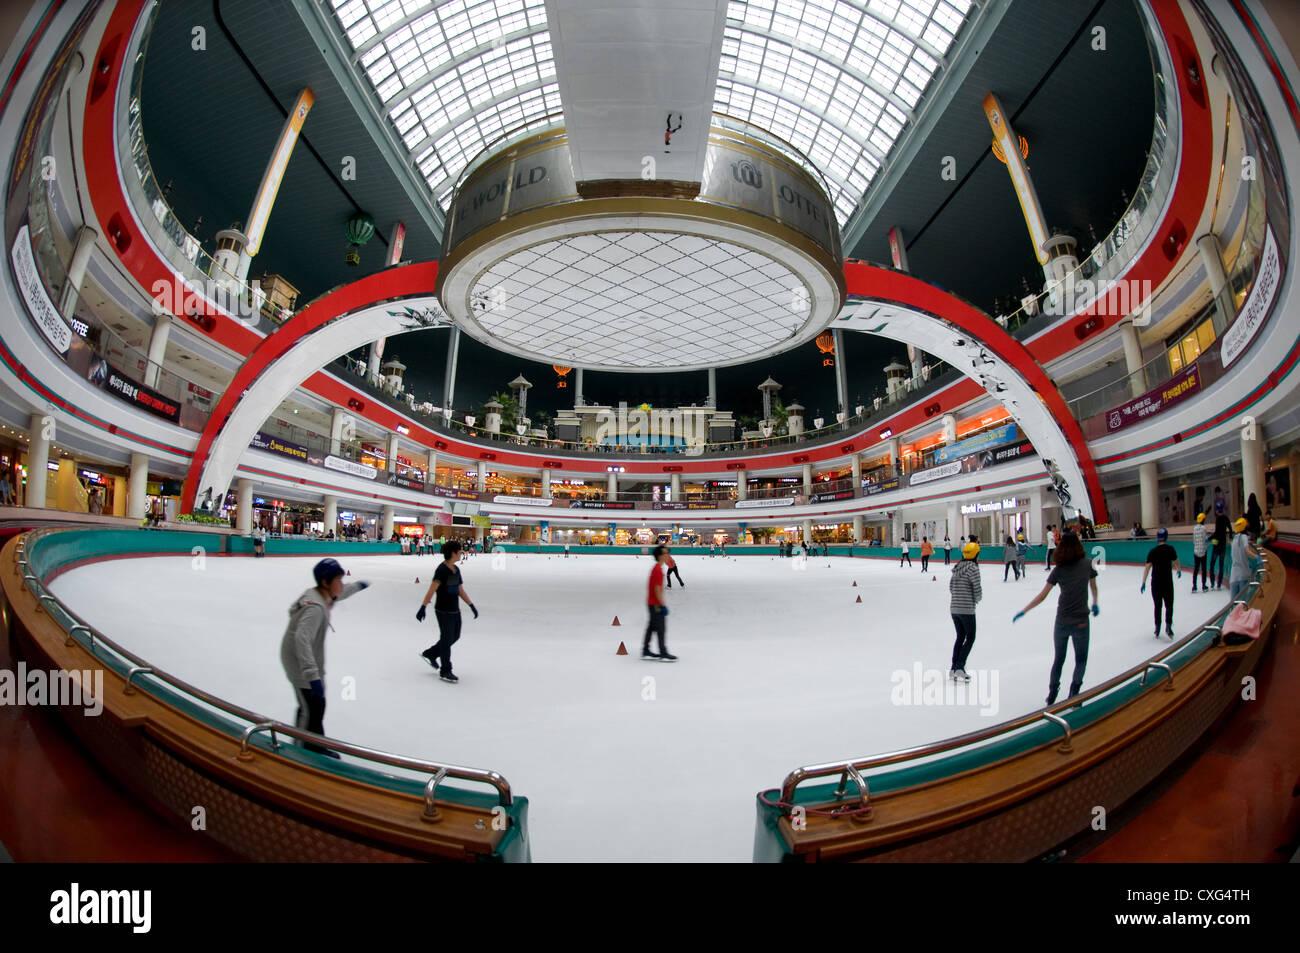 Lotto mondiali Indoor Pista di Pattinaggio su ghiaccio, Seoul Corea. Immagini Stock